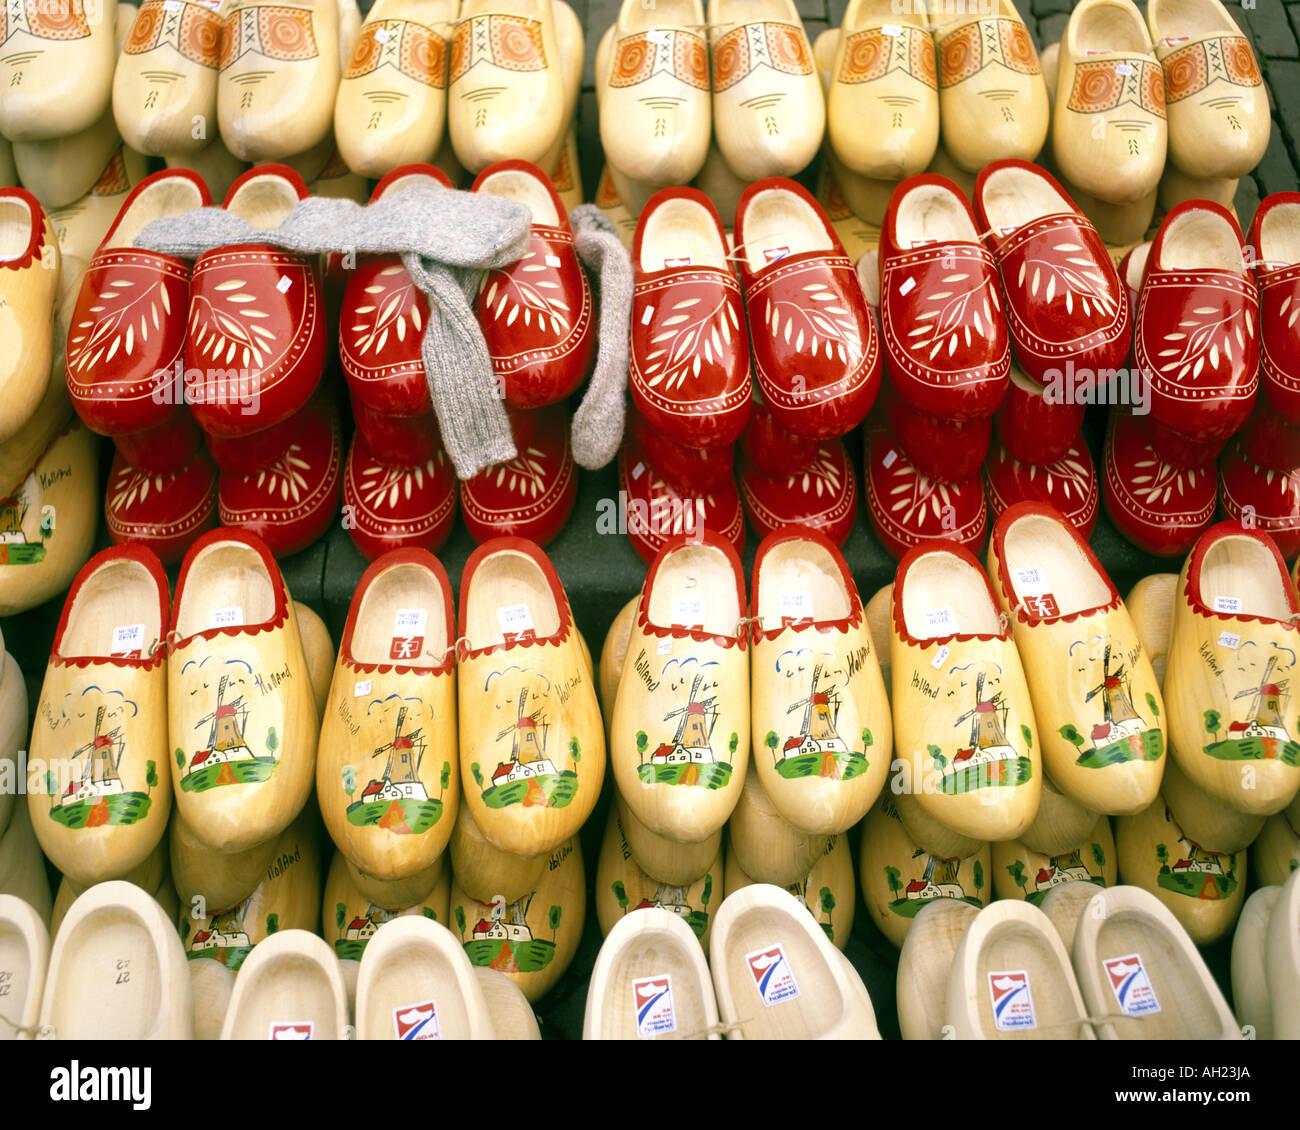 NL - Pays-Bas: sabots traditionnels sur l'affichage Photo Stock